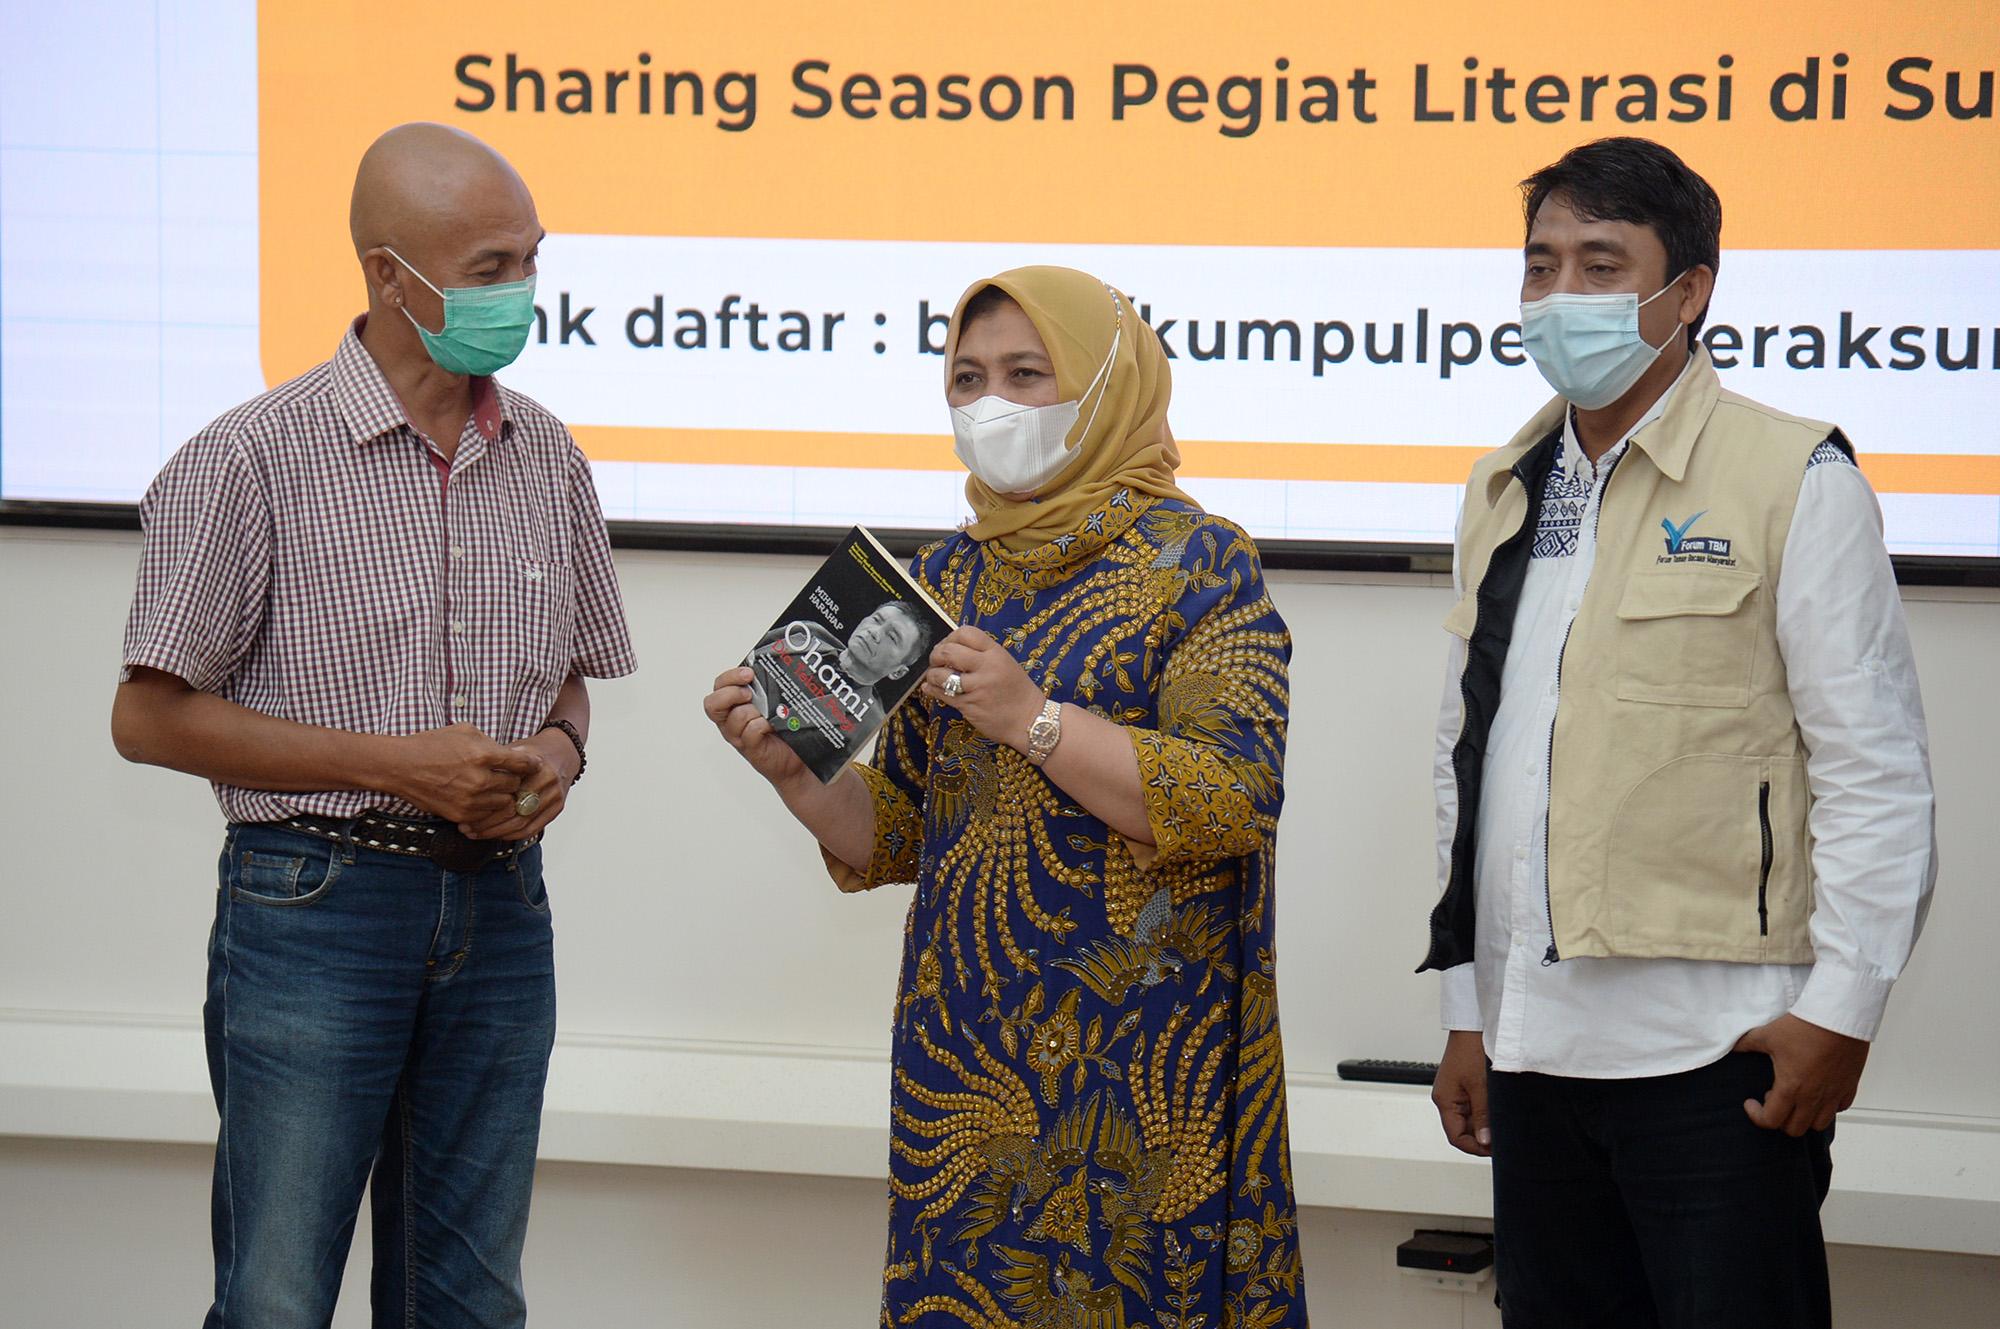 Bersinergi dengan Pegiat Literasi, Gemar Membaca di Sumut Dapat Ditingkatkan